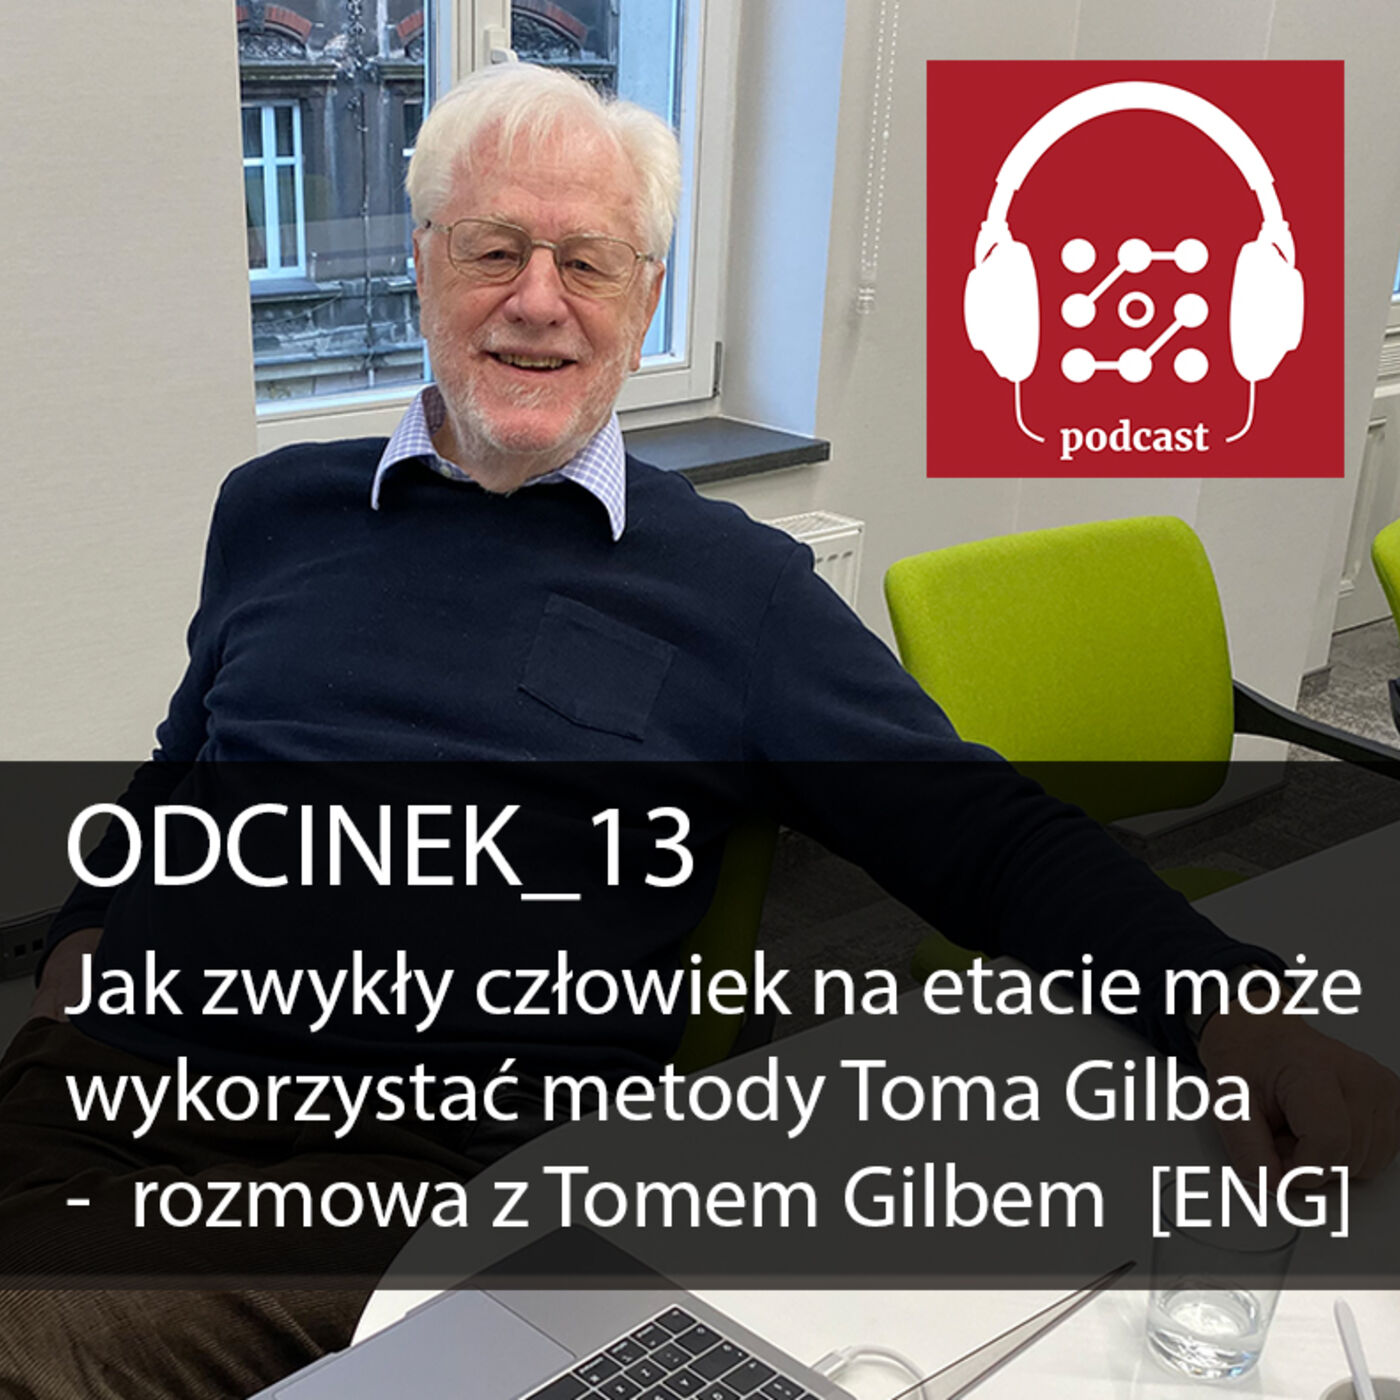 Jak zwykły człowiek na etacie może wykorzystać metody Toma Gilba  - rozmowa z Tomem Gilbem [ENG]   Dostarczaj Wartość #13